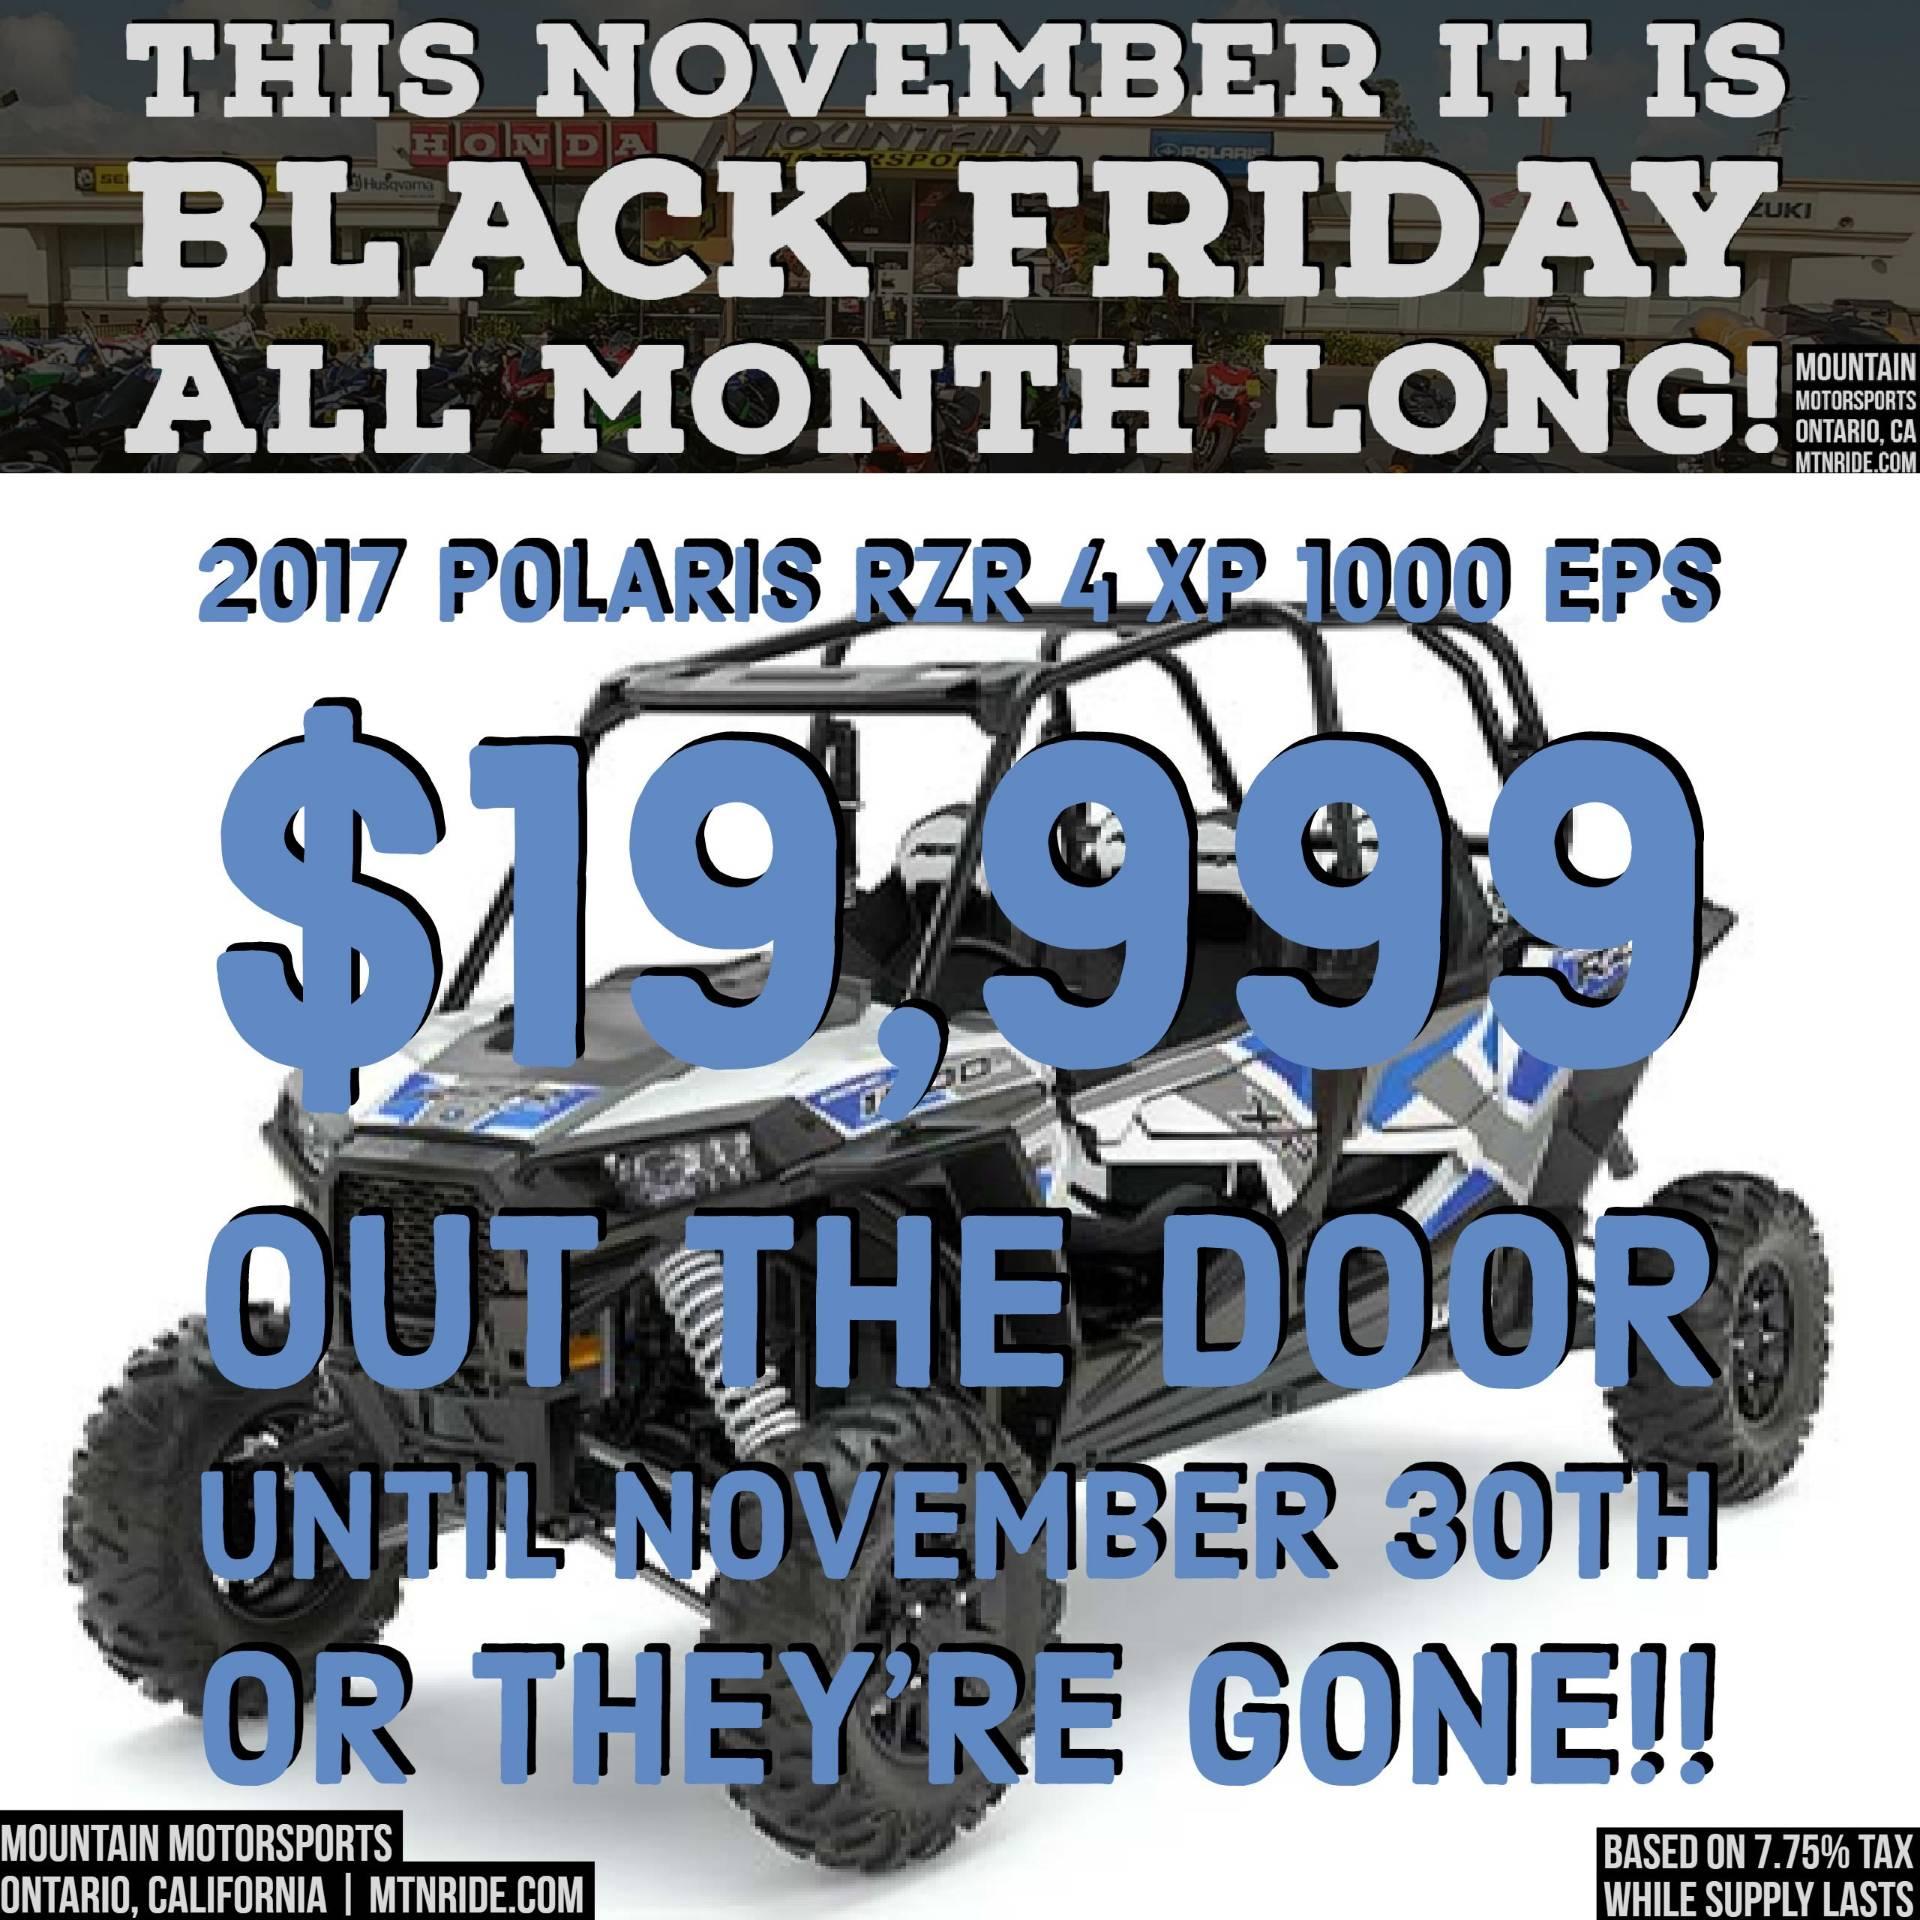 2017 Polaris RZR XP 4 1000 EPS 1